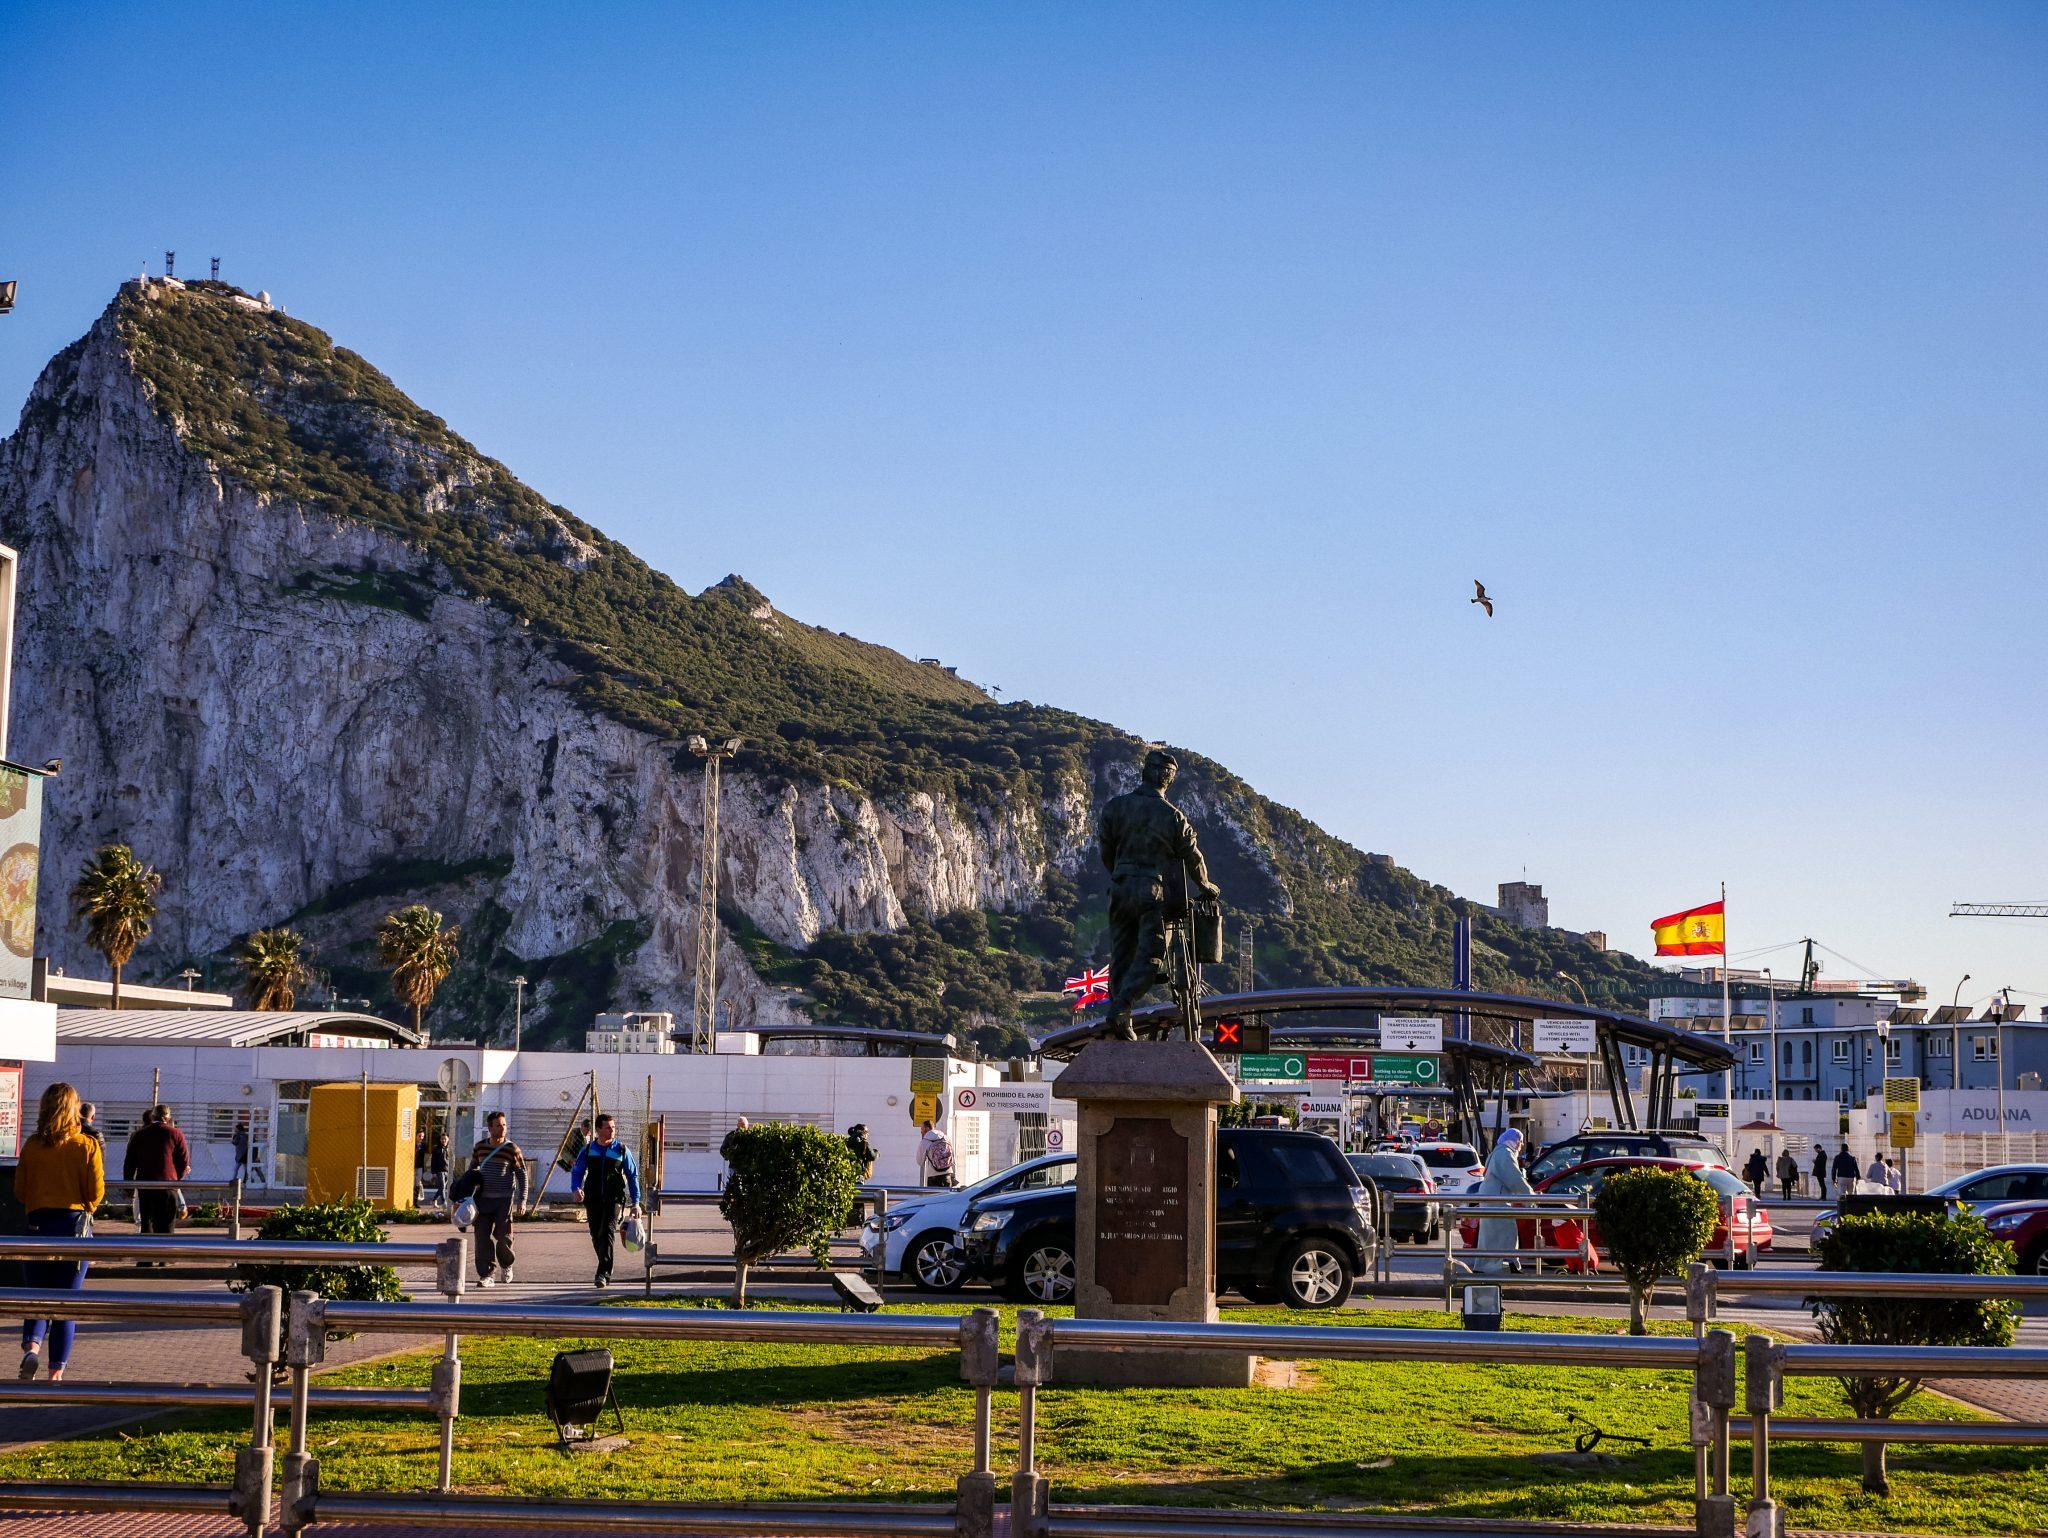 Vergiss dein Ausweisdokument nicht, wenn du nach Gibraltar über die 1,2 km lange Grenze gehst.